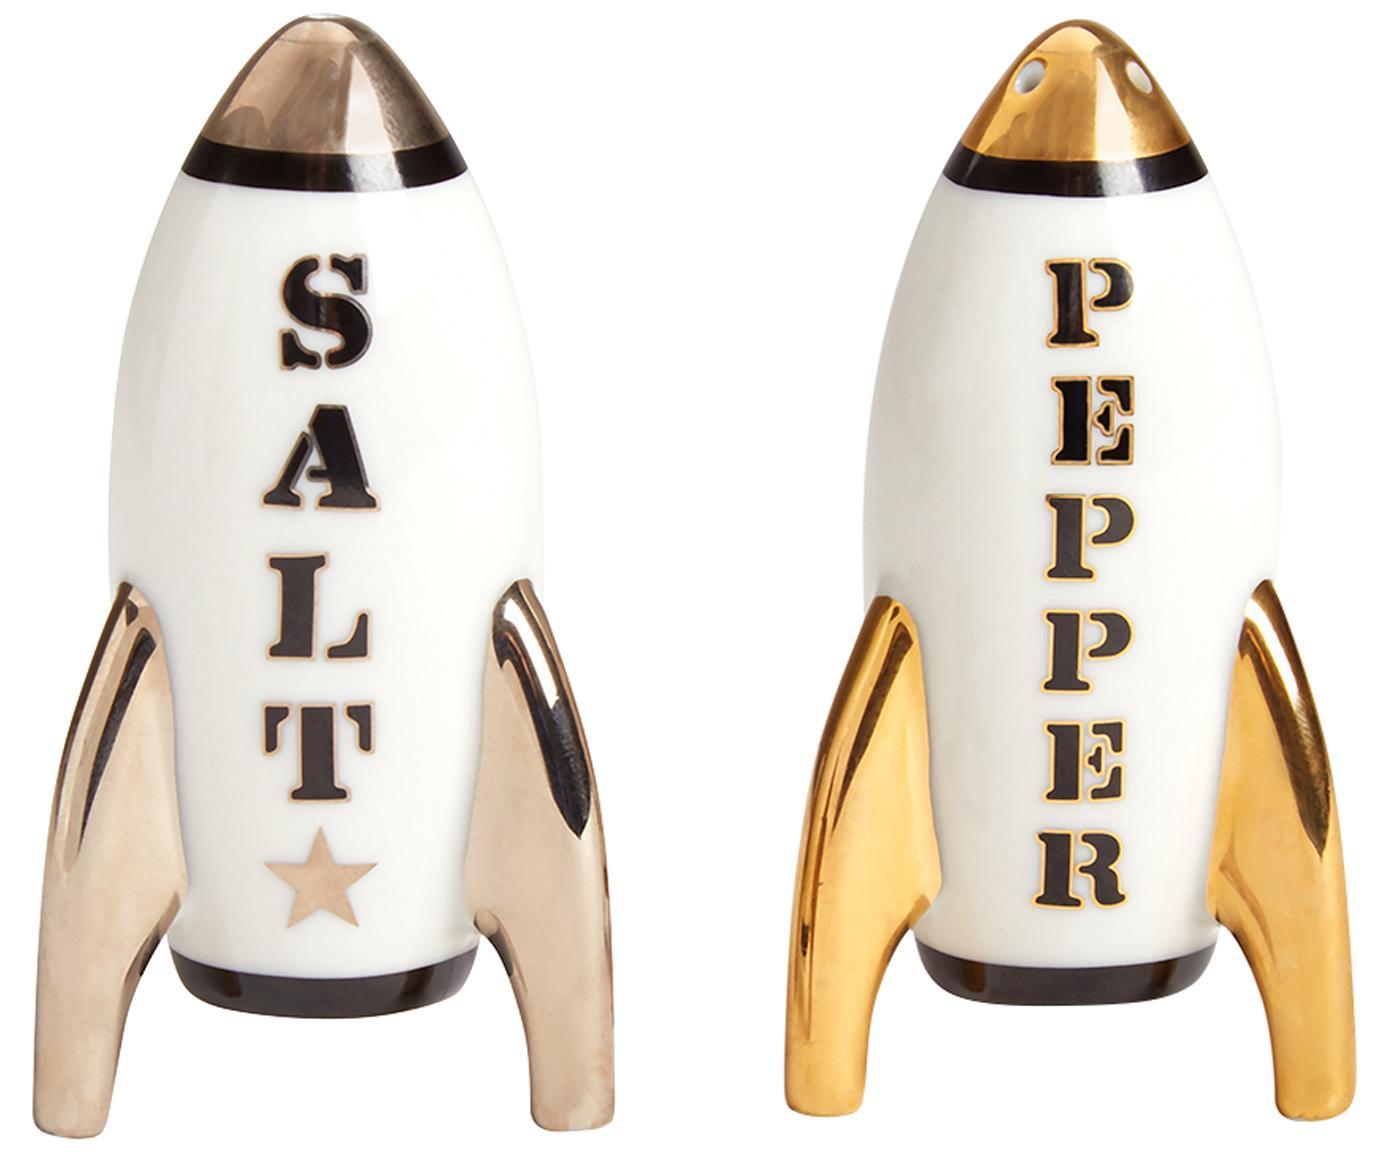 Design zout- en peperstrooierset Apollo,vergulden, 2-delig, Porselein, 24-karaats verguld, Wit, zilverkleurig, goudkleurig, 5 x 9 cm